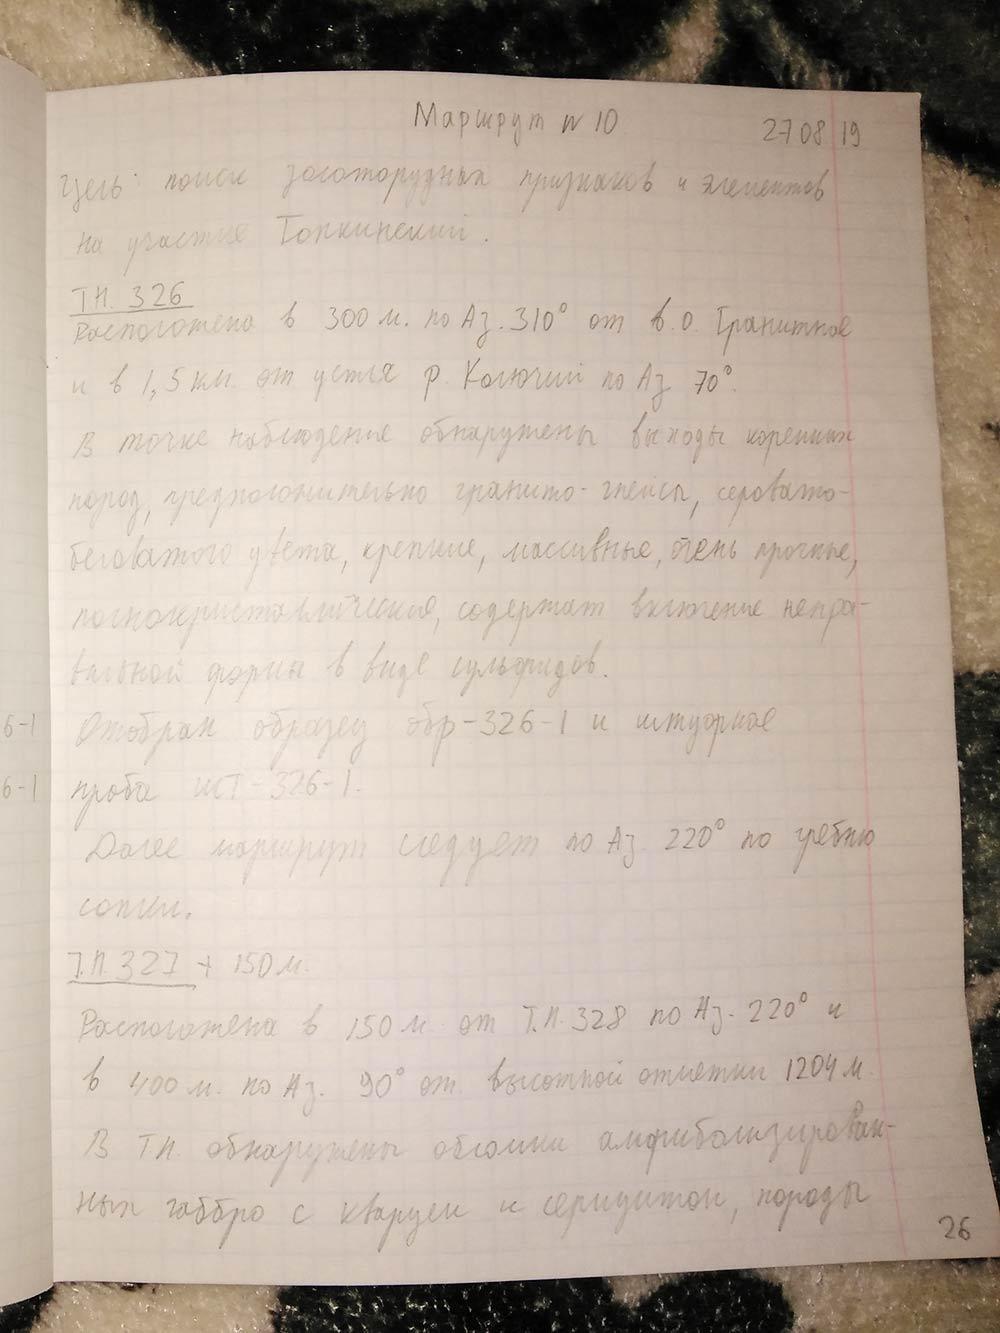 Записи в полевом дневнике делаются простым карандашом. Писать в лесу не очень удобно, поэтому записи короткие и не всегда понятные. Вот одна из них: «В точке наблюдения обнаружены коренные породы серовато-беловатого цвета, предположительно гнейсограниты, содержащие включения в виде сульфидов. Отобран образец обр-326-1 и штуфная проба шт-326-1»